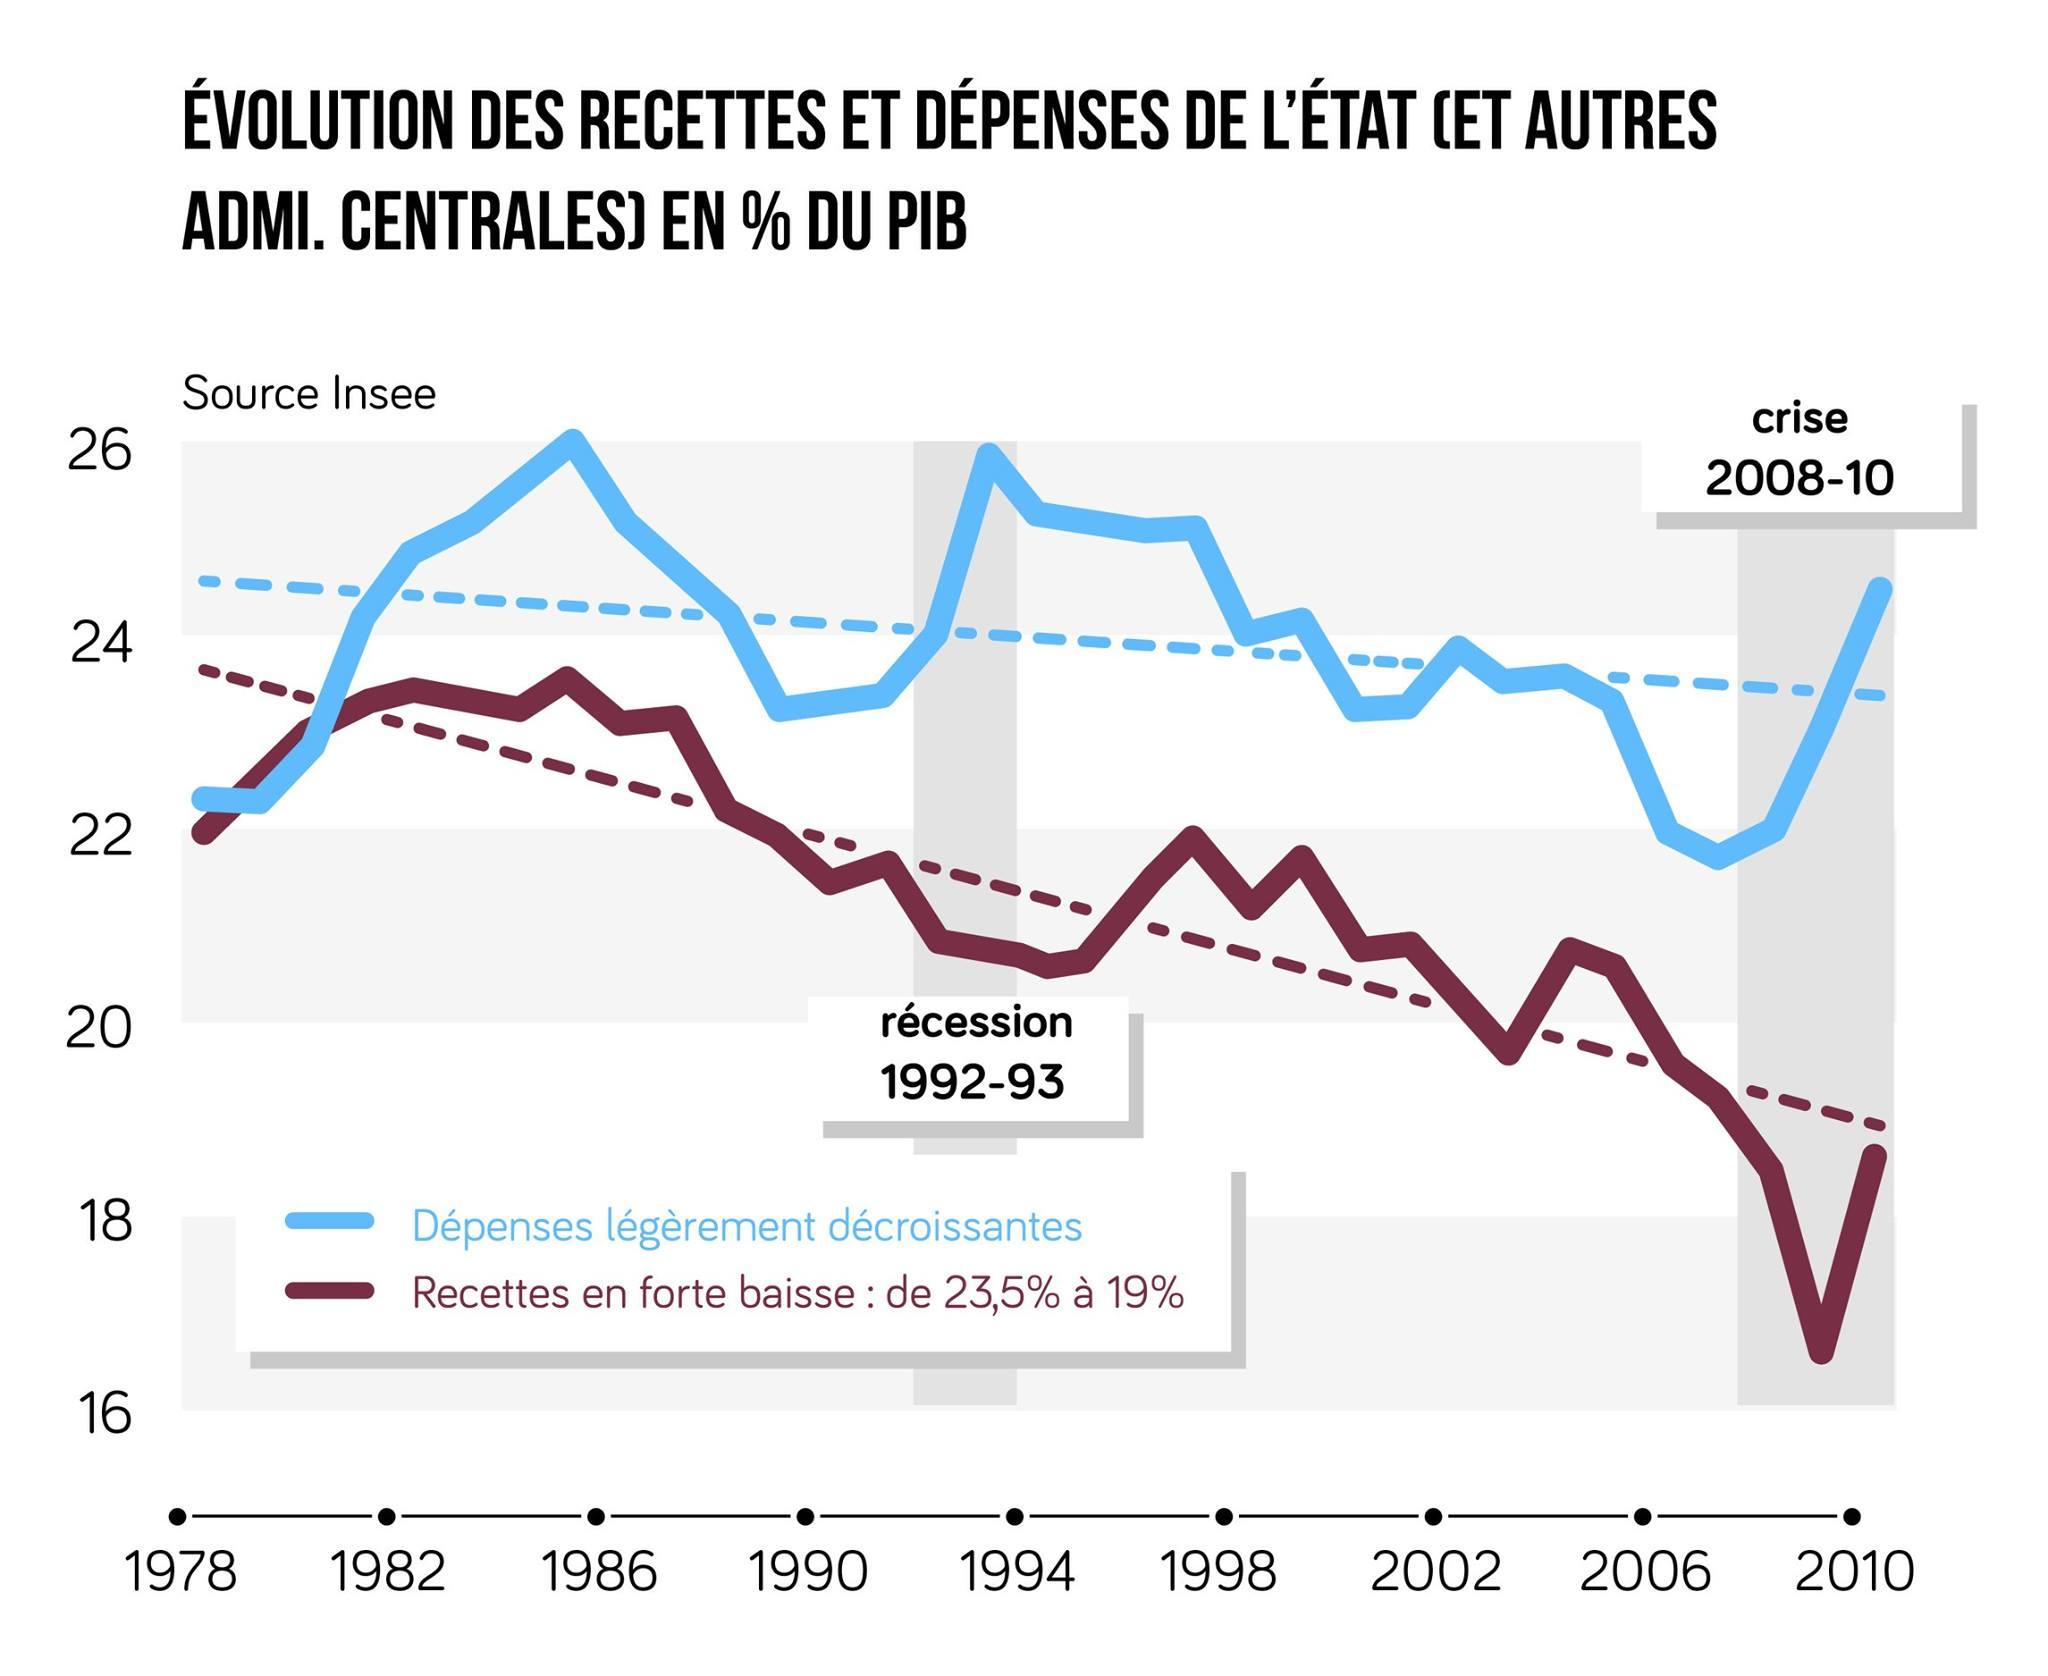 évolution des recettes et des dépenses de l'État en France, de 1978 à 2010 ses terminale